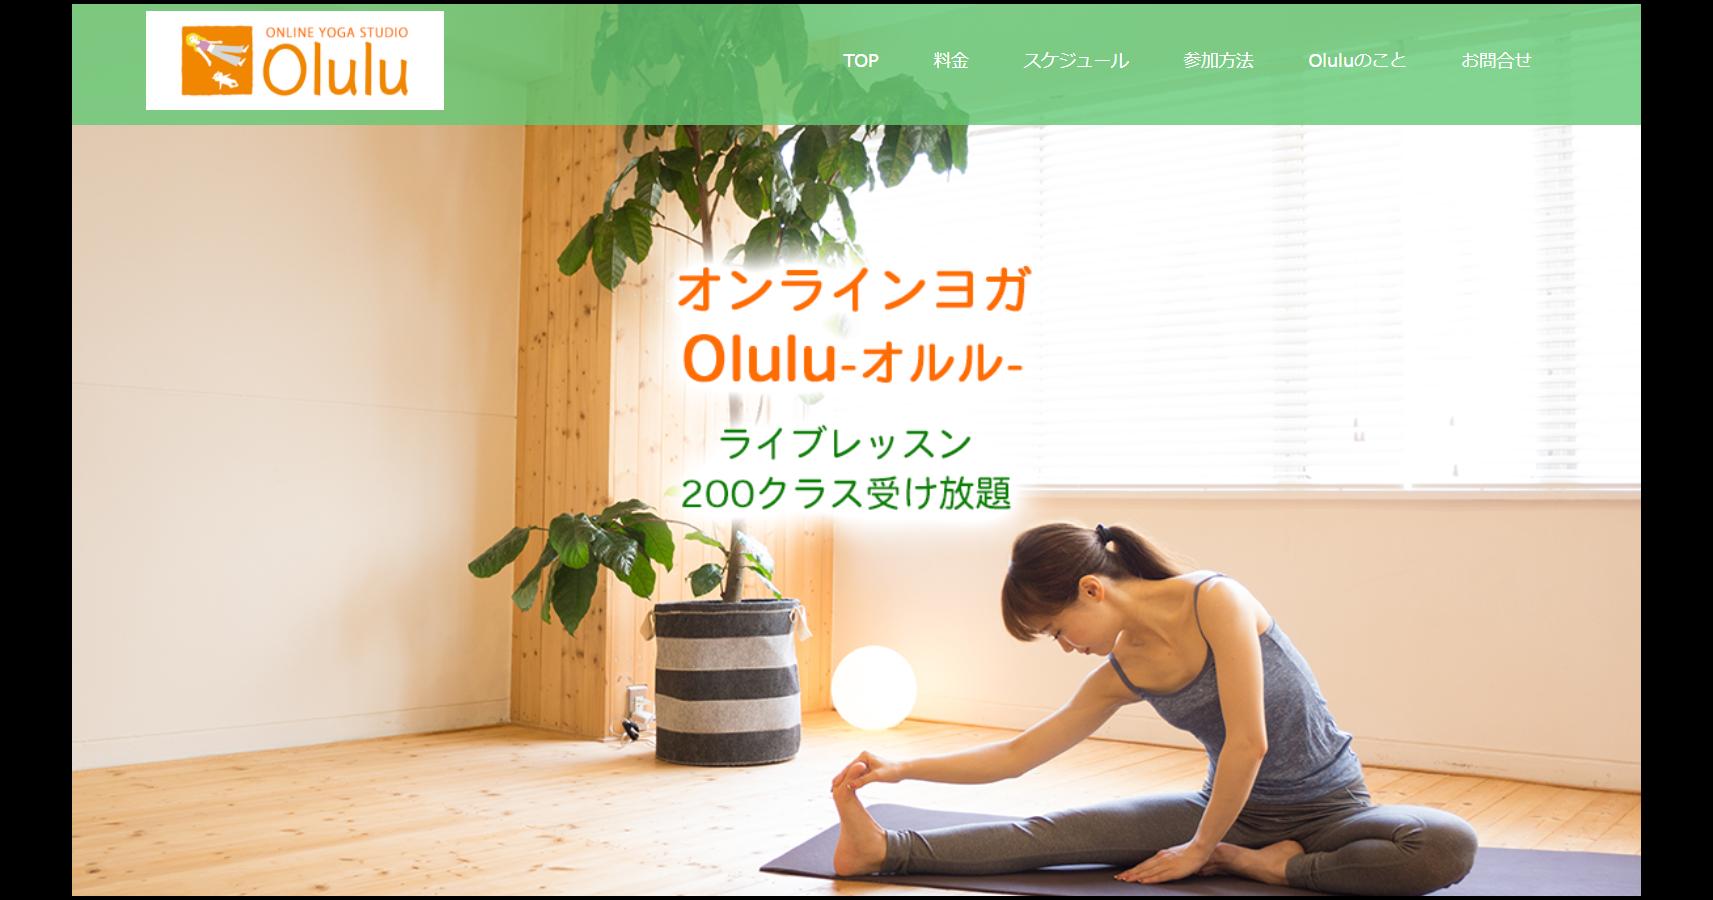 オルル(Olulu) オンラインヨガの口コミ・評判について。オルルにはどんな特徴があるの?